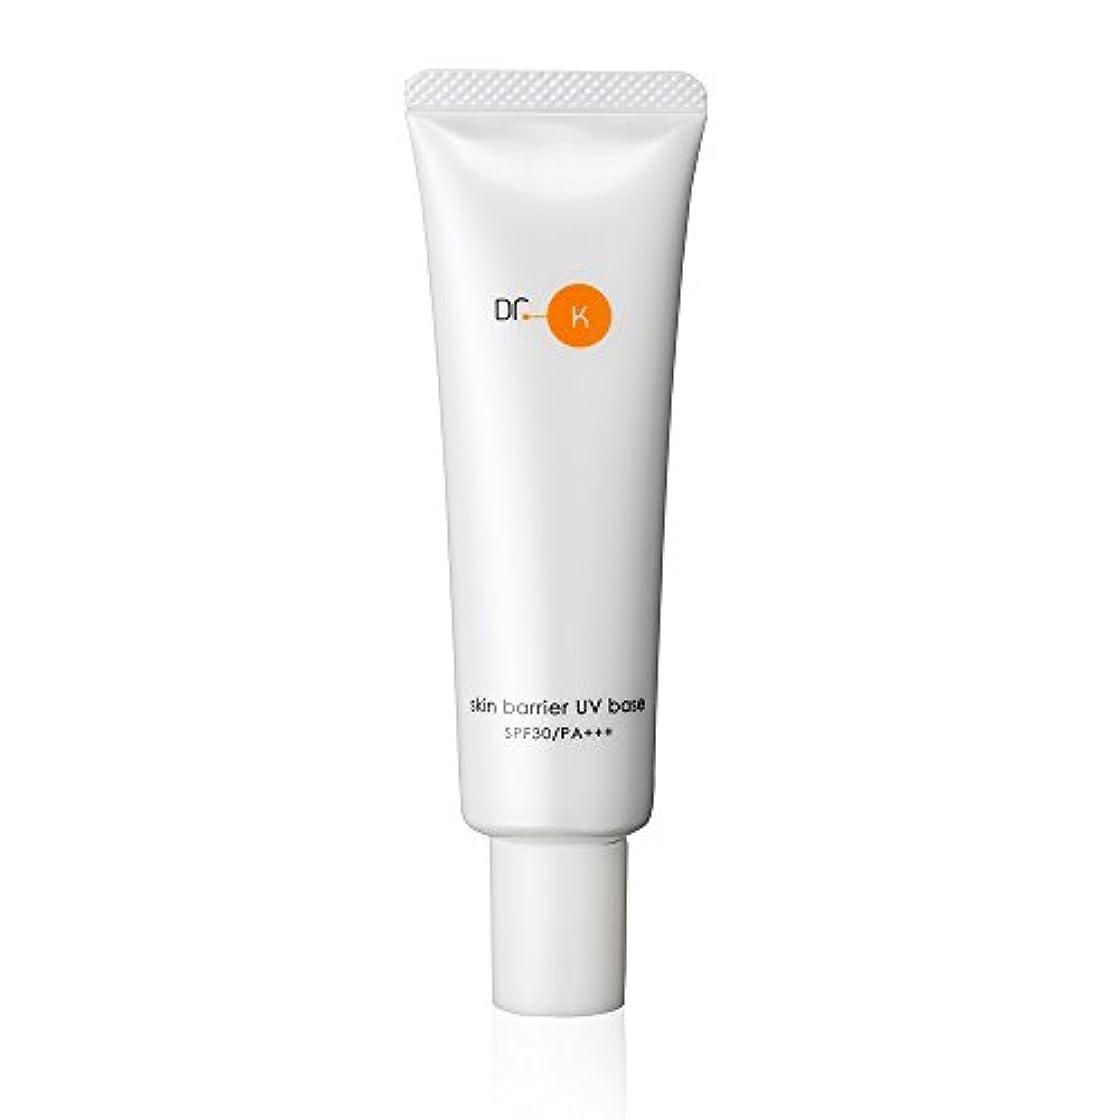 薄いです増加する頭ケイスキンバリアUVベースSPF30/PA+++(日焼け止め化粧下地 30g)